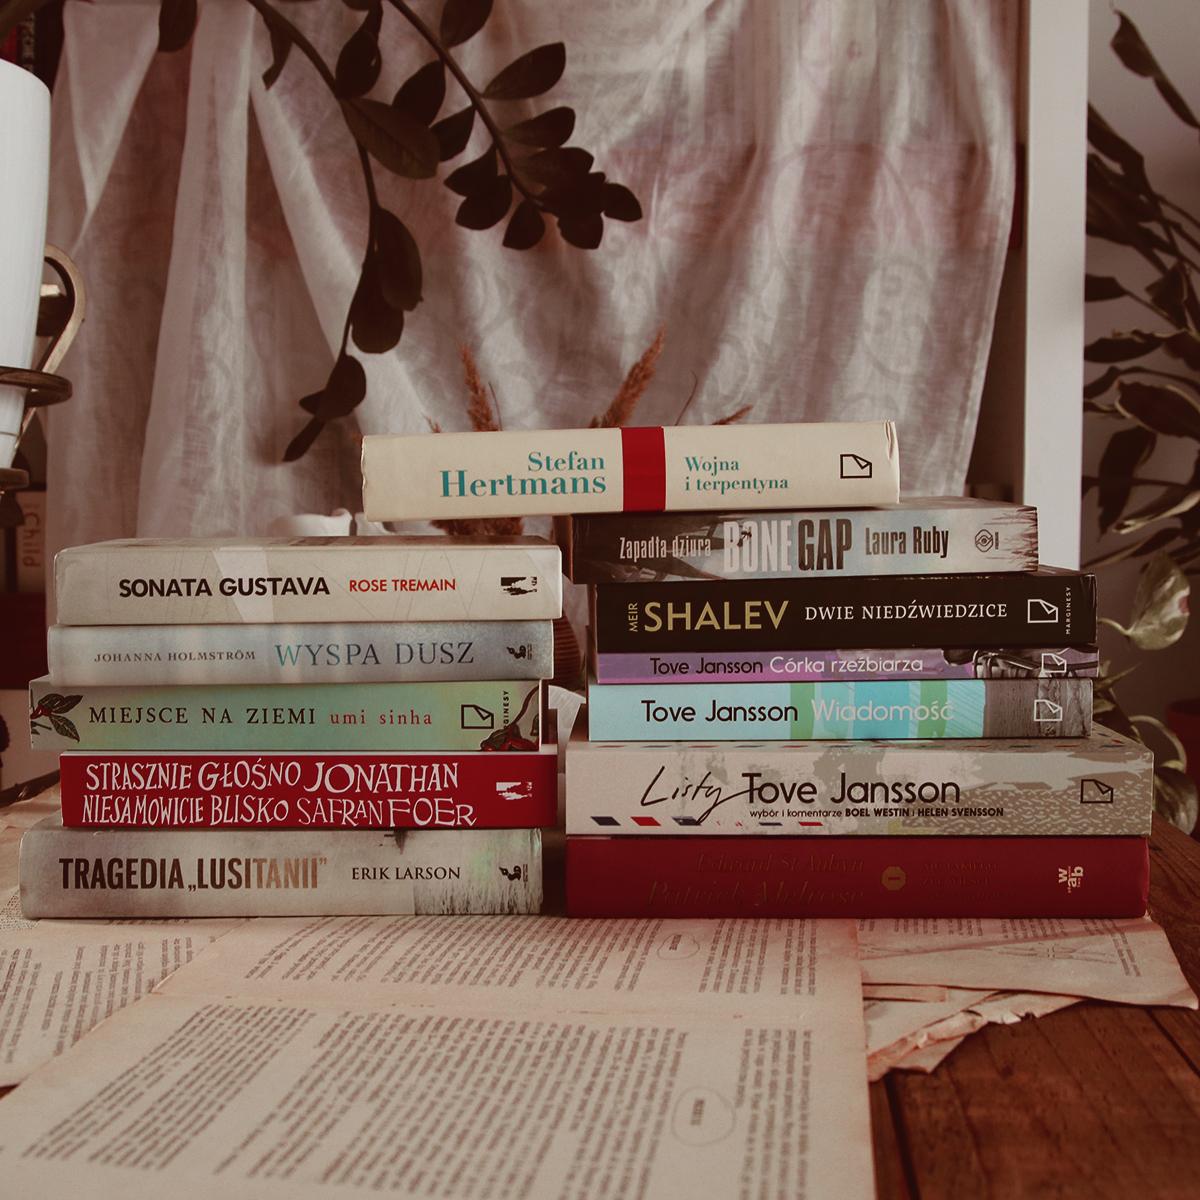 #160 Tanie czytanie - zakupy w księgarni oczytani.pl